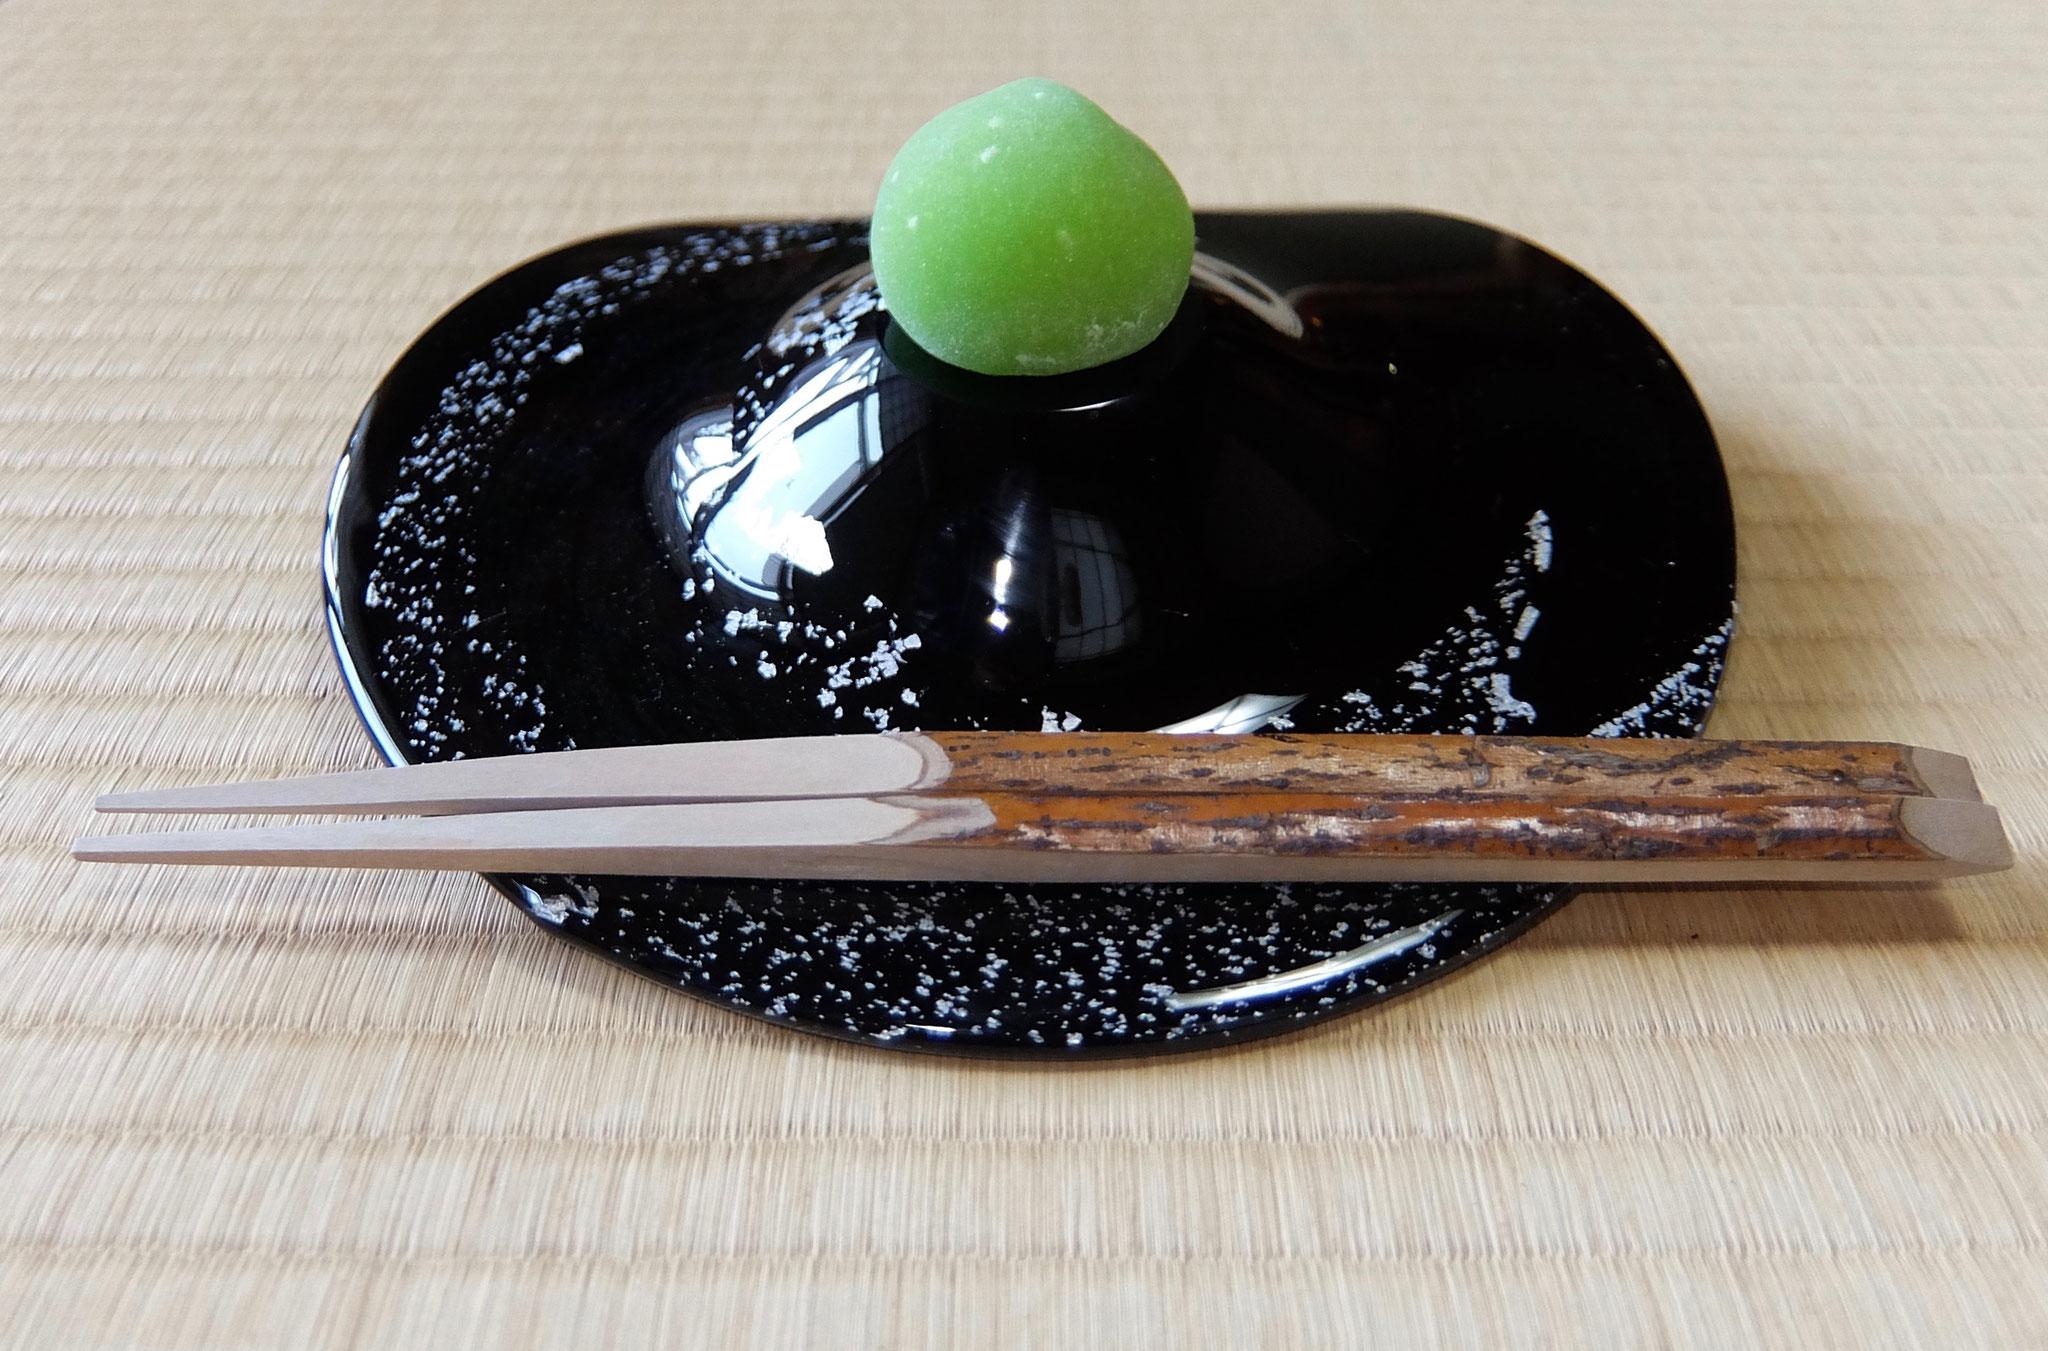 森塚恵美氏の手作りガラス菓子器